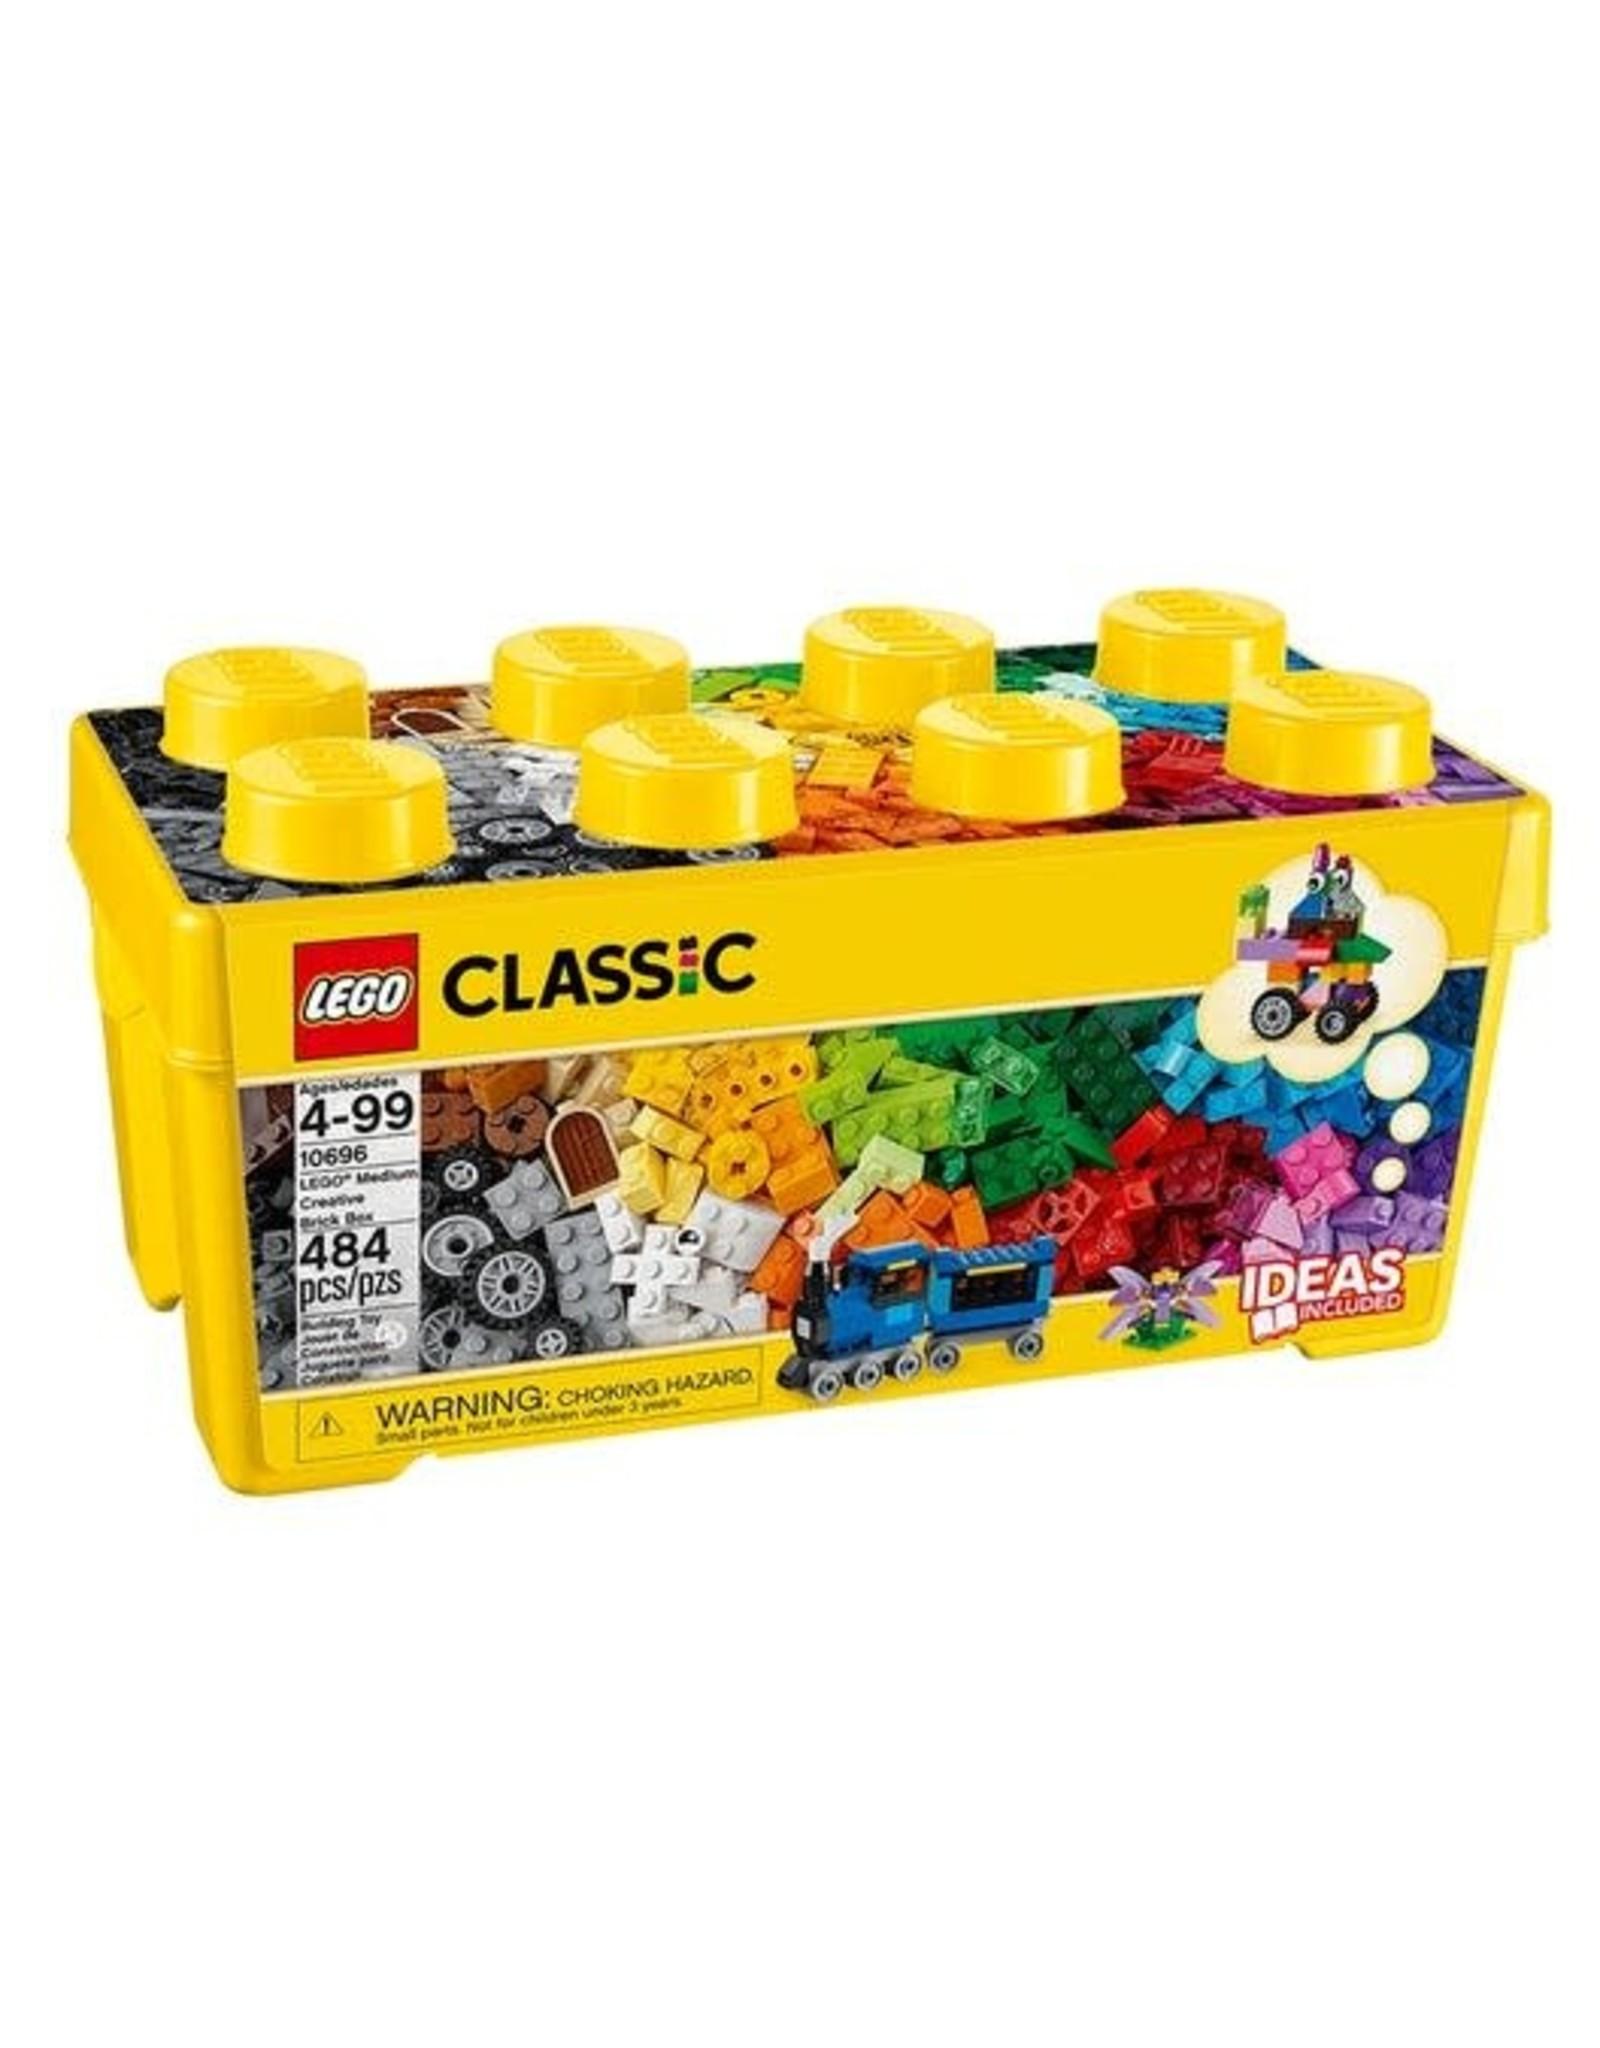 LEGO LEGO Classic, Medium Creative Bricks